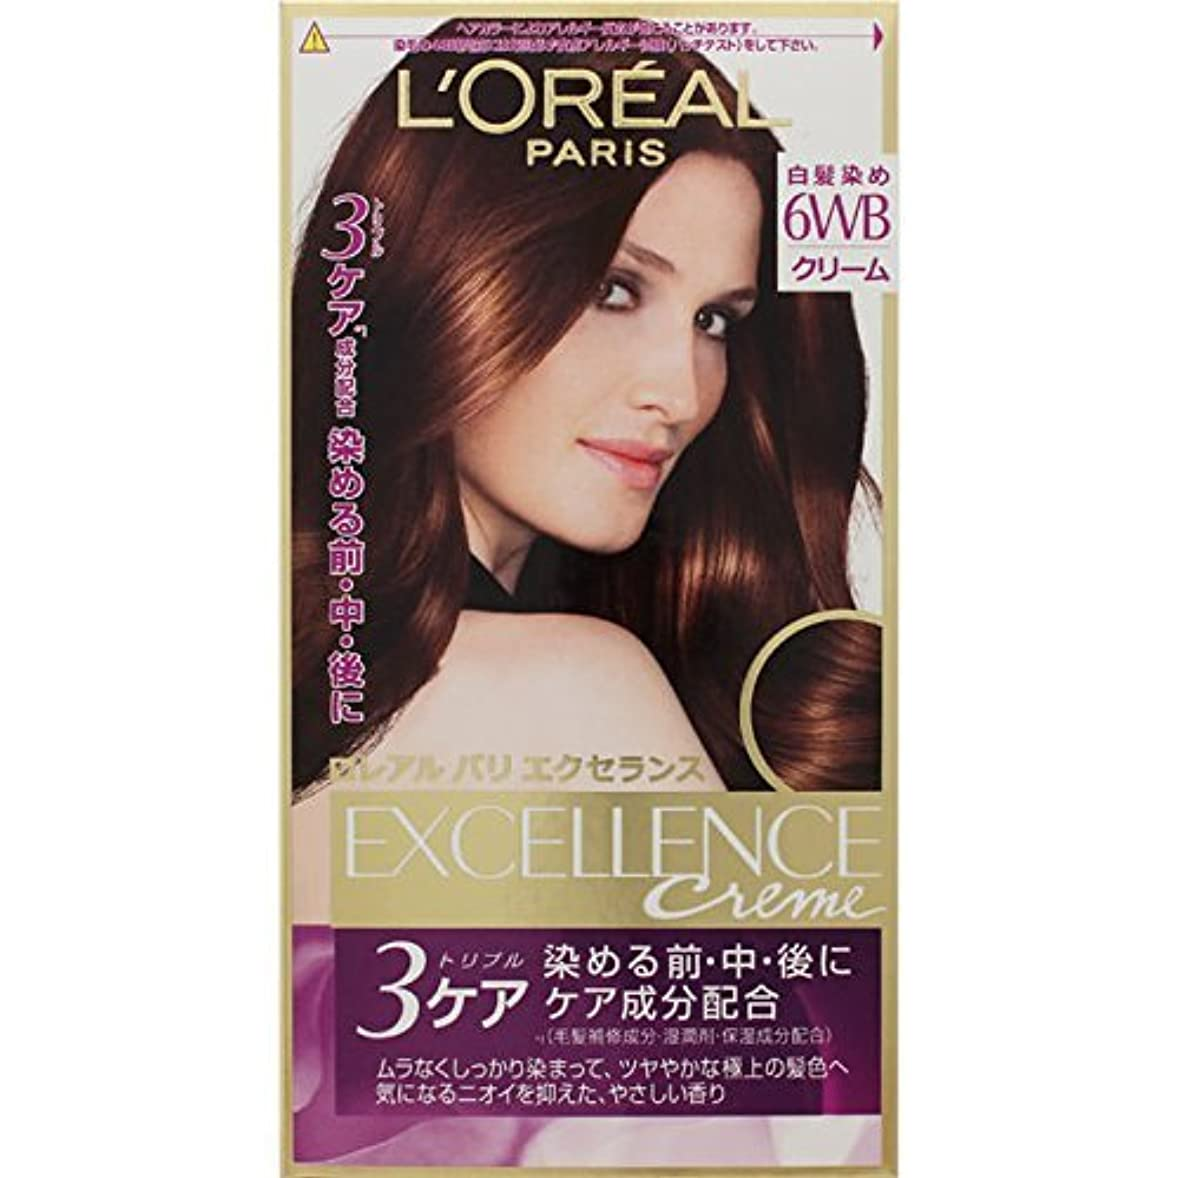 スマッシュ更新チャームロレアル パリ ヘアカラー 白髪染め エクセランス N クリームタイプ 6WB ウォーム系のやや明るい栗色